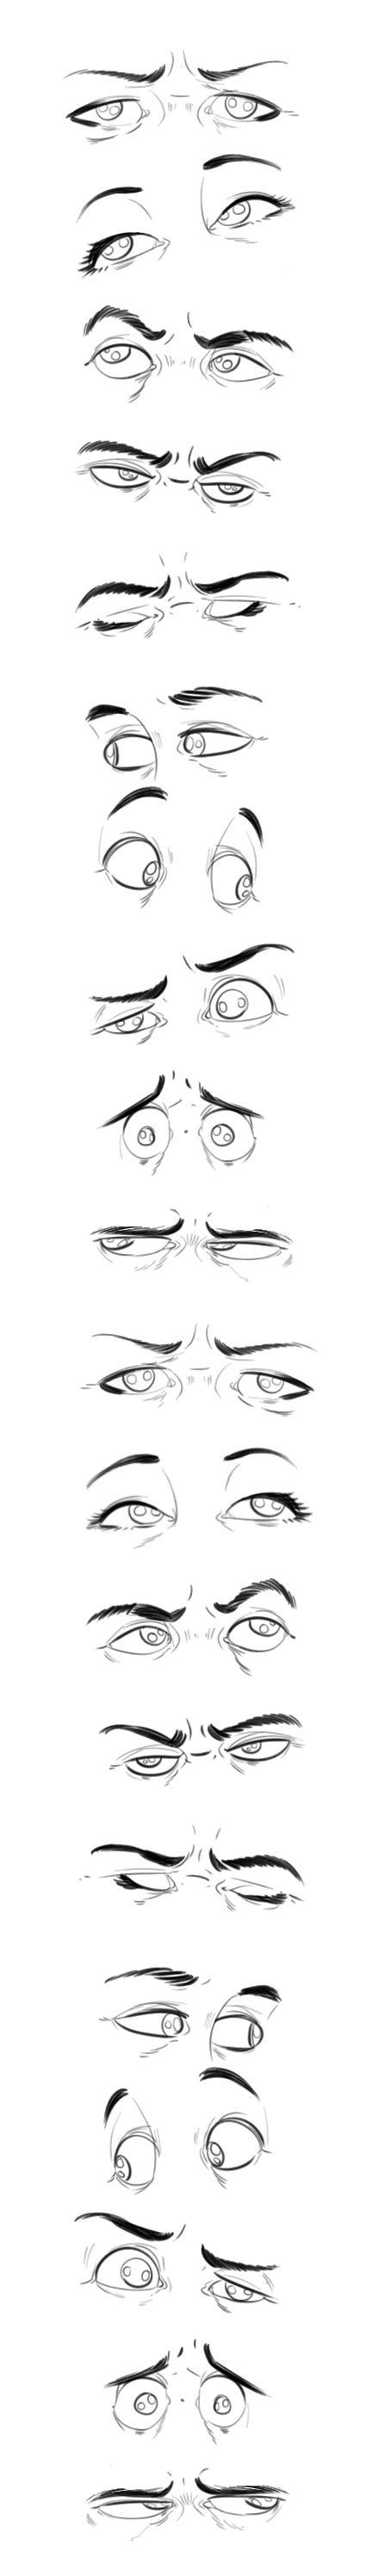 Gesichter, Augen, Mund.....